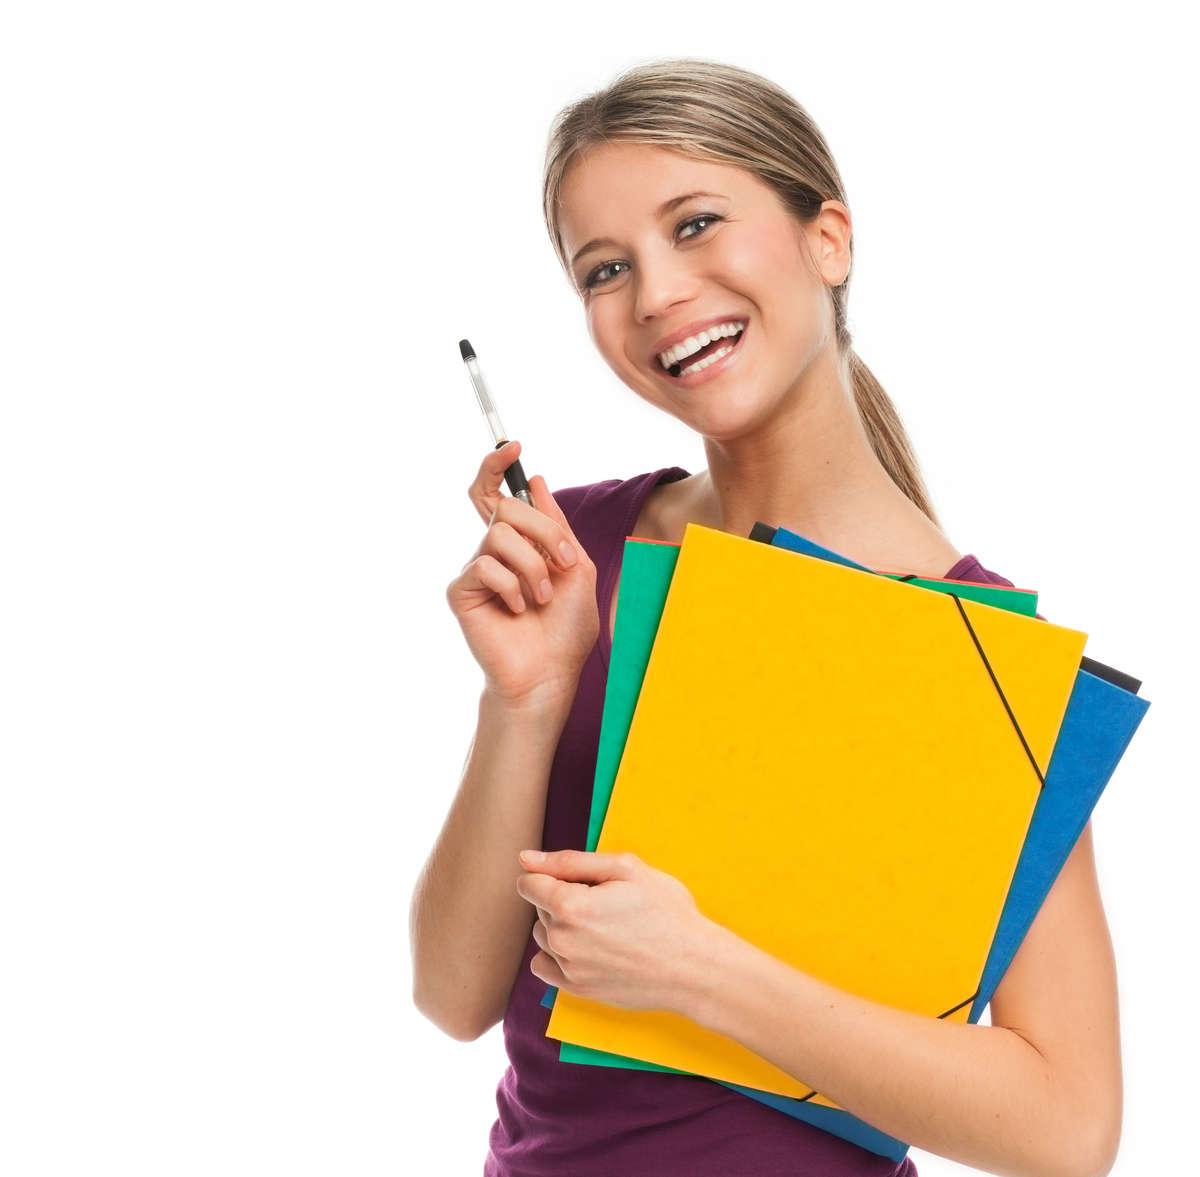 Po lekcjach rozwijaj swoje pasje! - full image